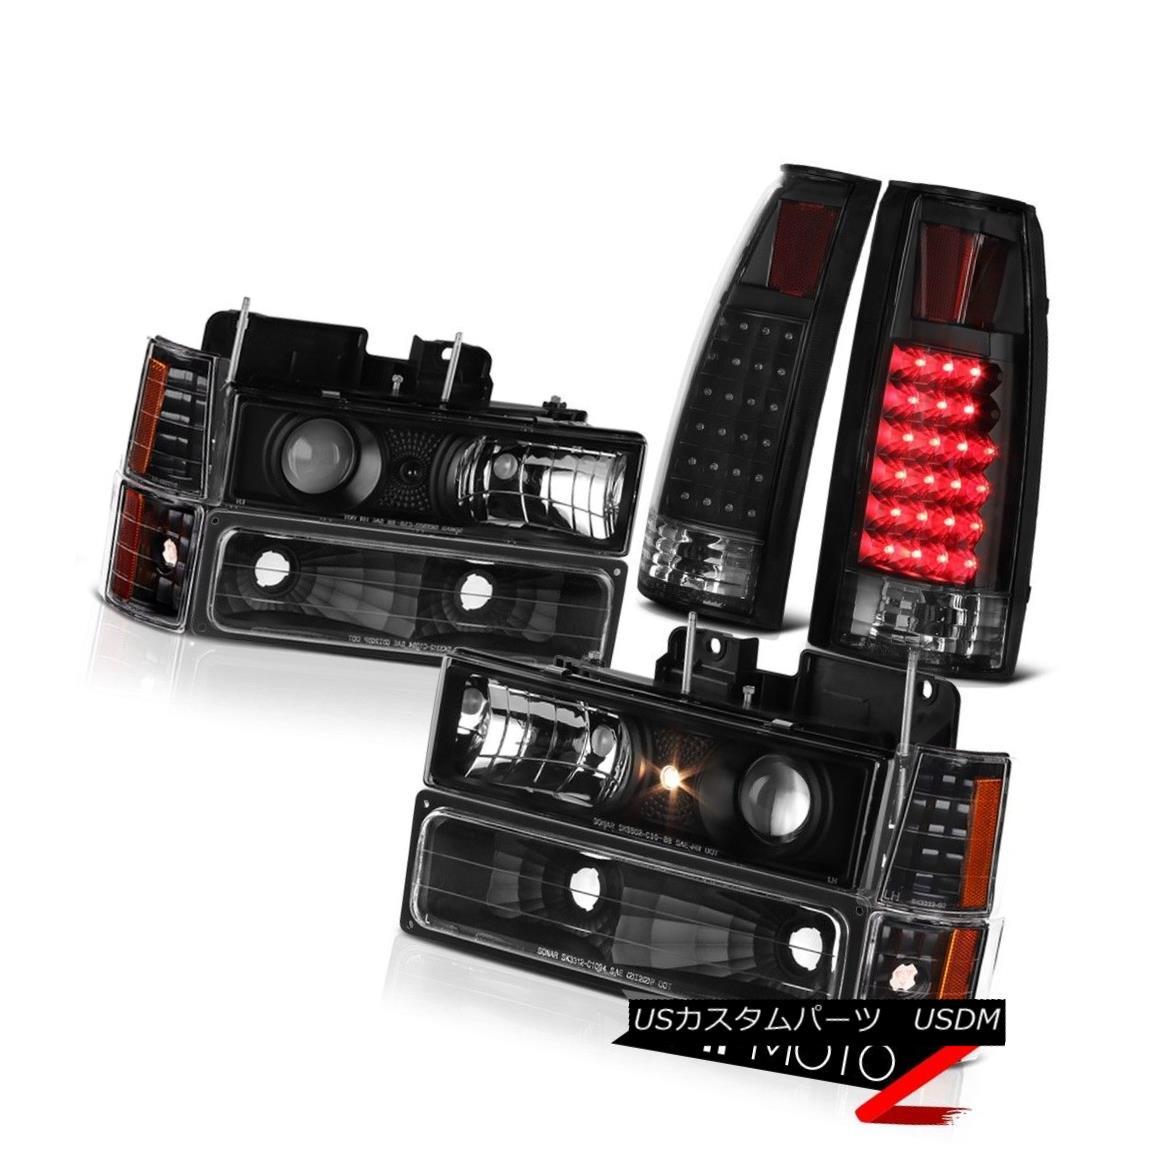 テールライト Black S.M.D Brake Tail Lamps+Headlights+Bumper 94-98 GMC Sierra K1500 k2500 ブラックA.N.Dブレーキテールランプ+ヘッドライト ts +バンパー94-98 GMC Sierra K1500 k2500